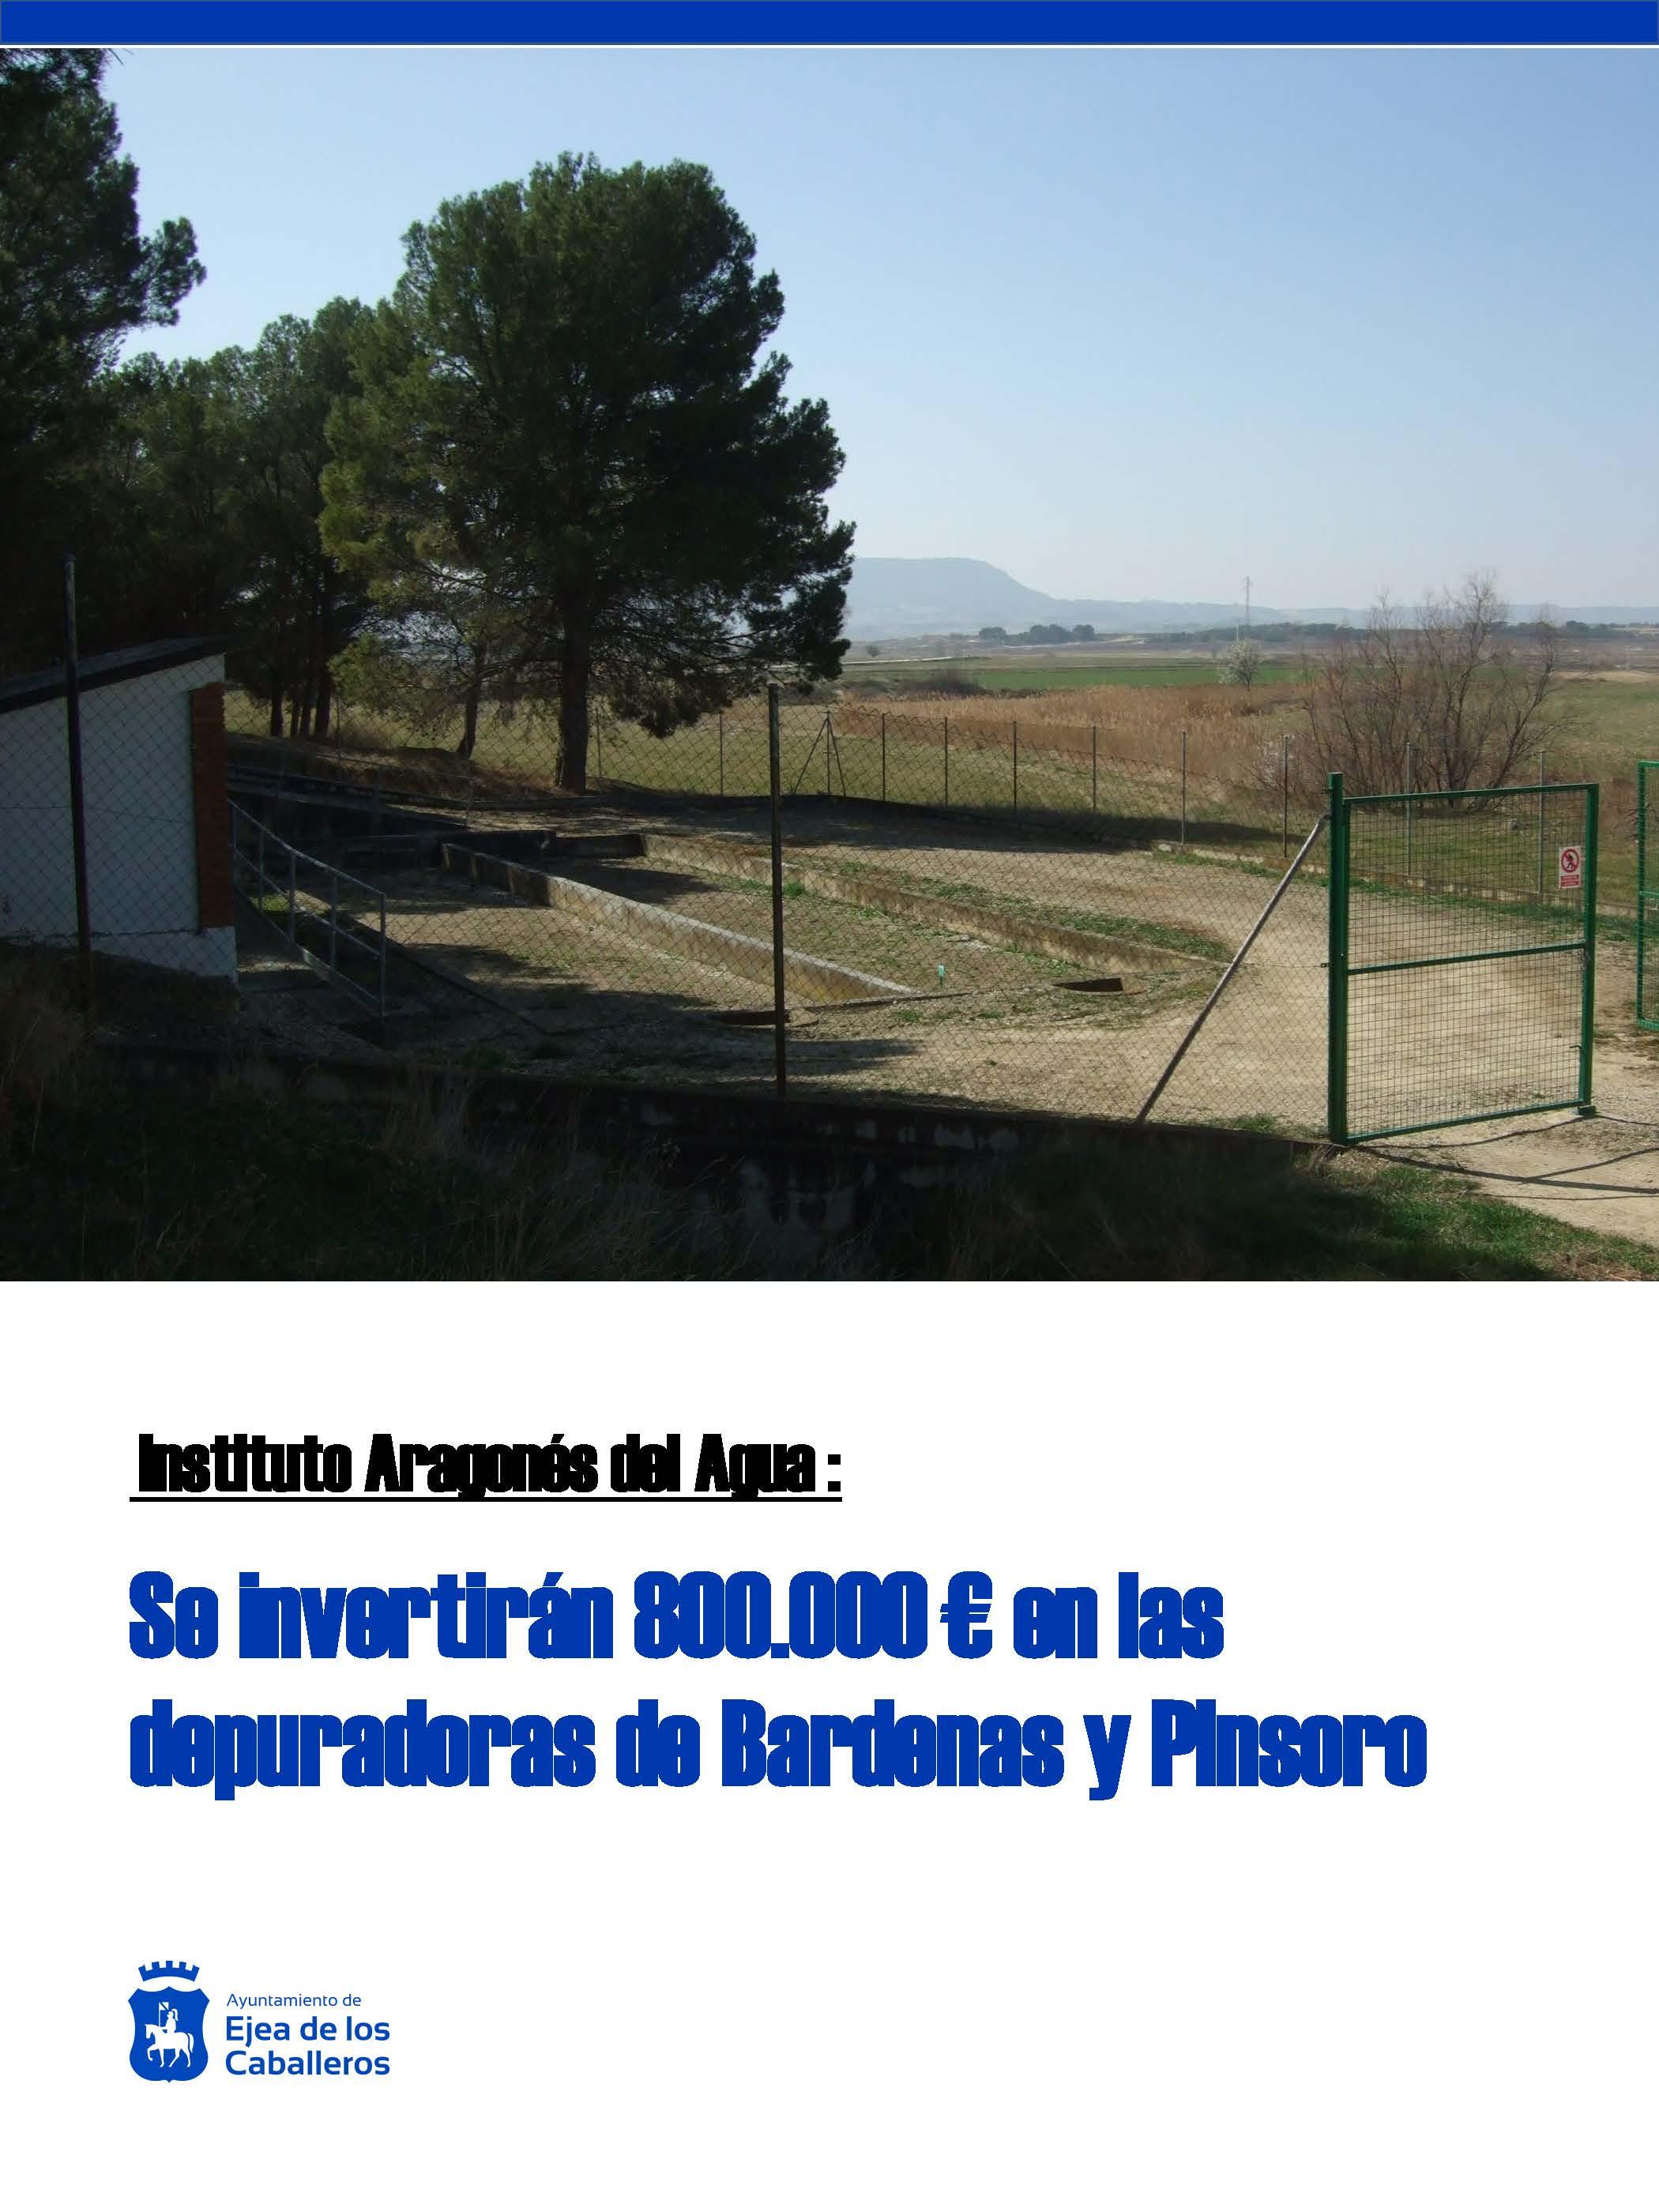 El Gobierno de Aragón invertirá 800.000 € en las depuradoras de Pinsoro y Bardenas